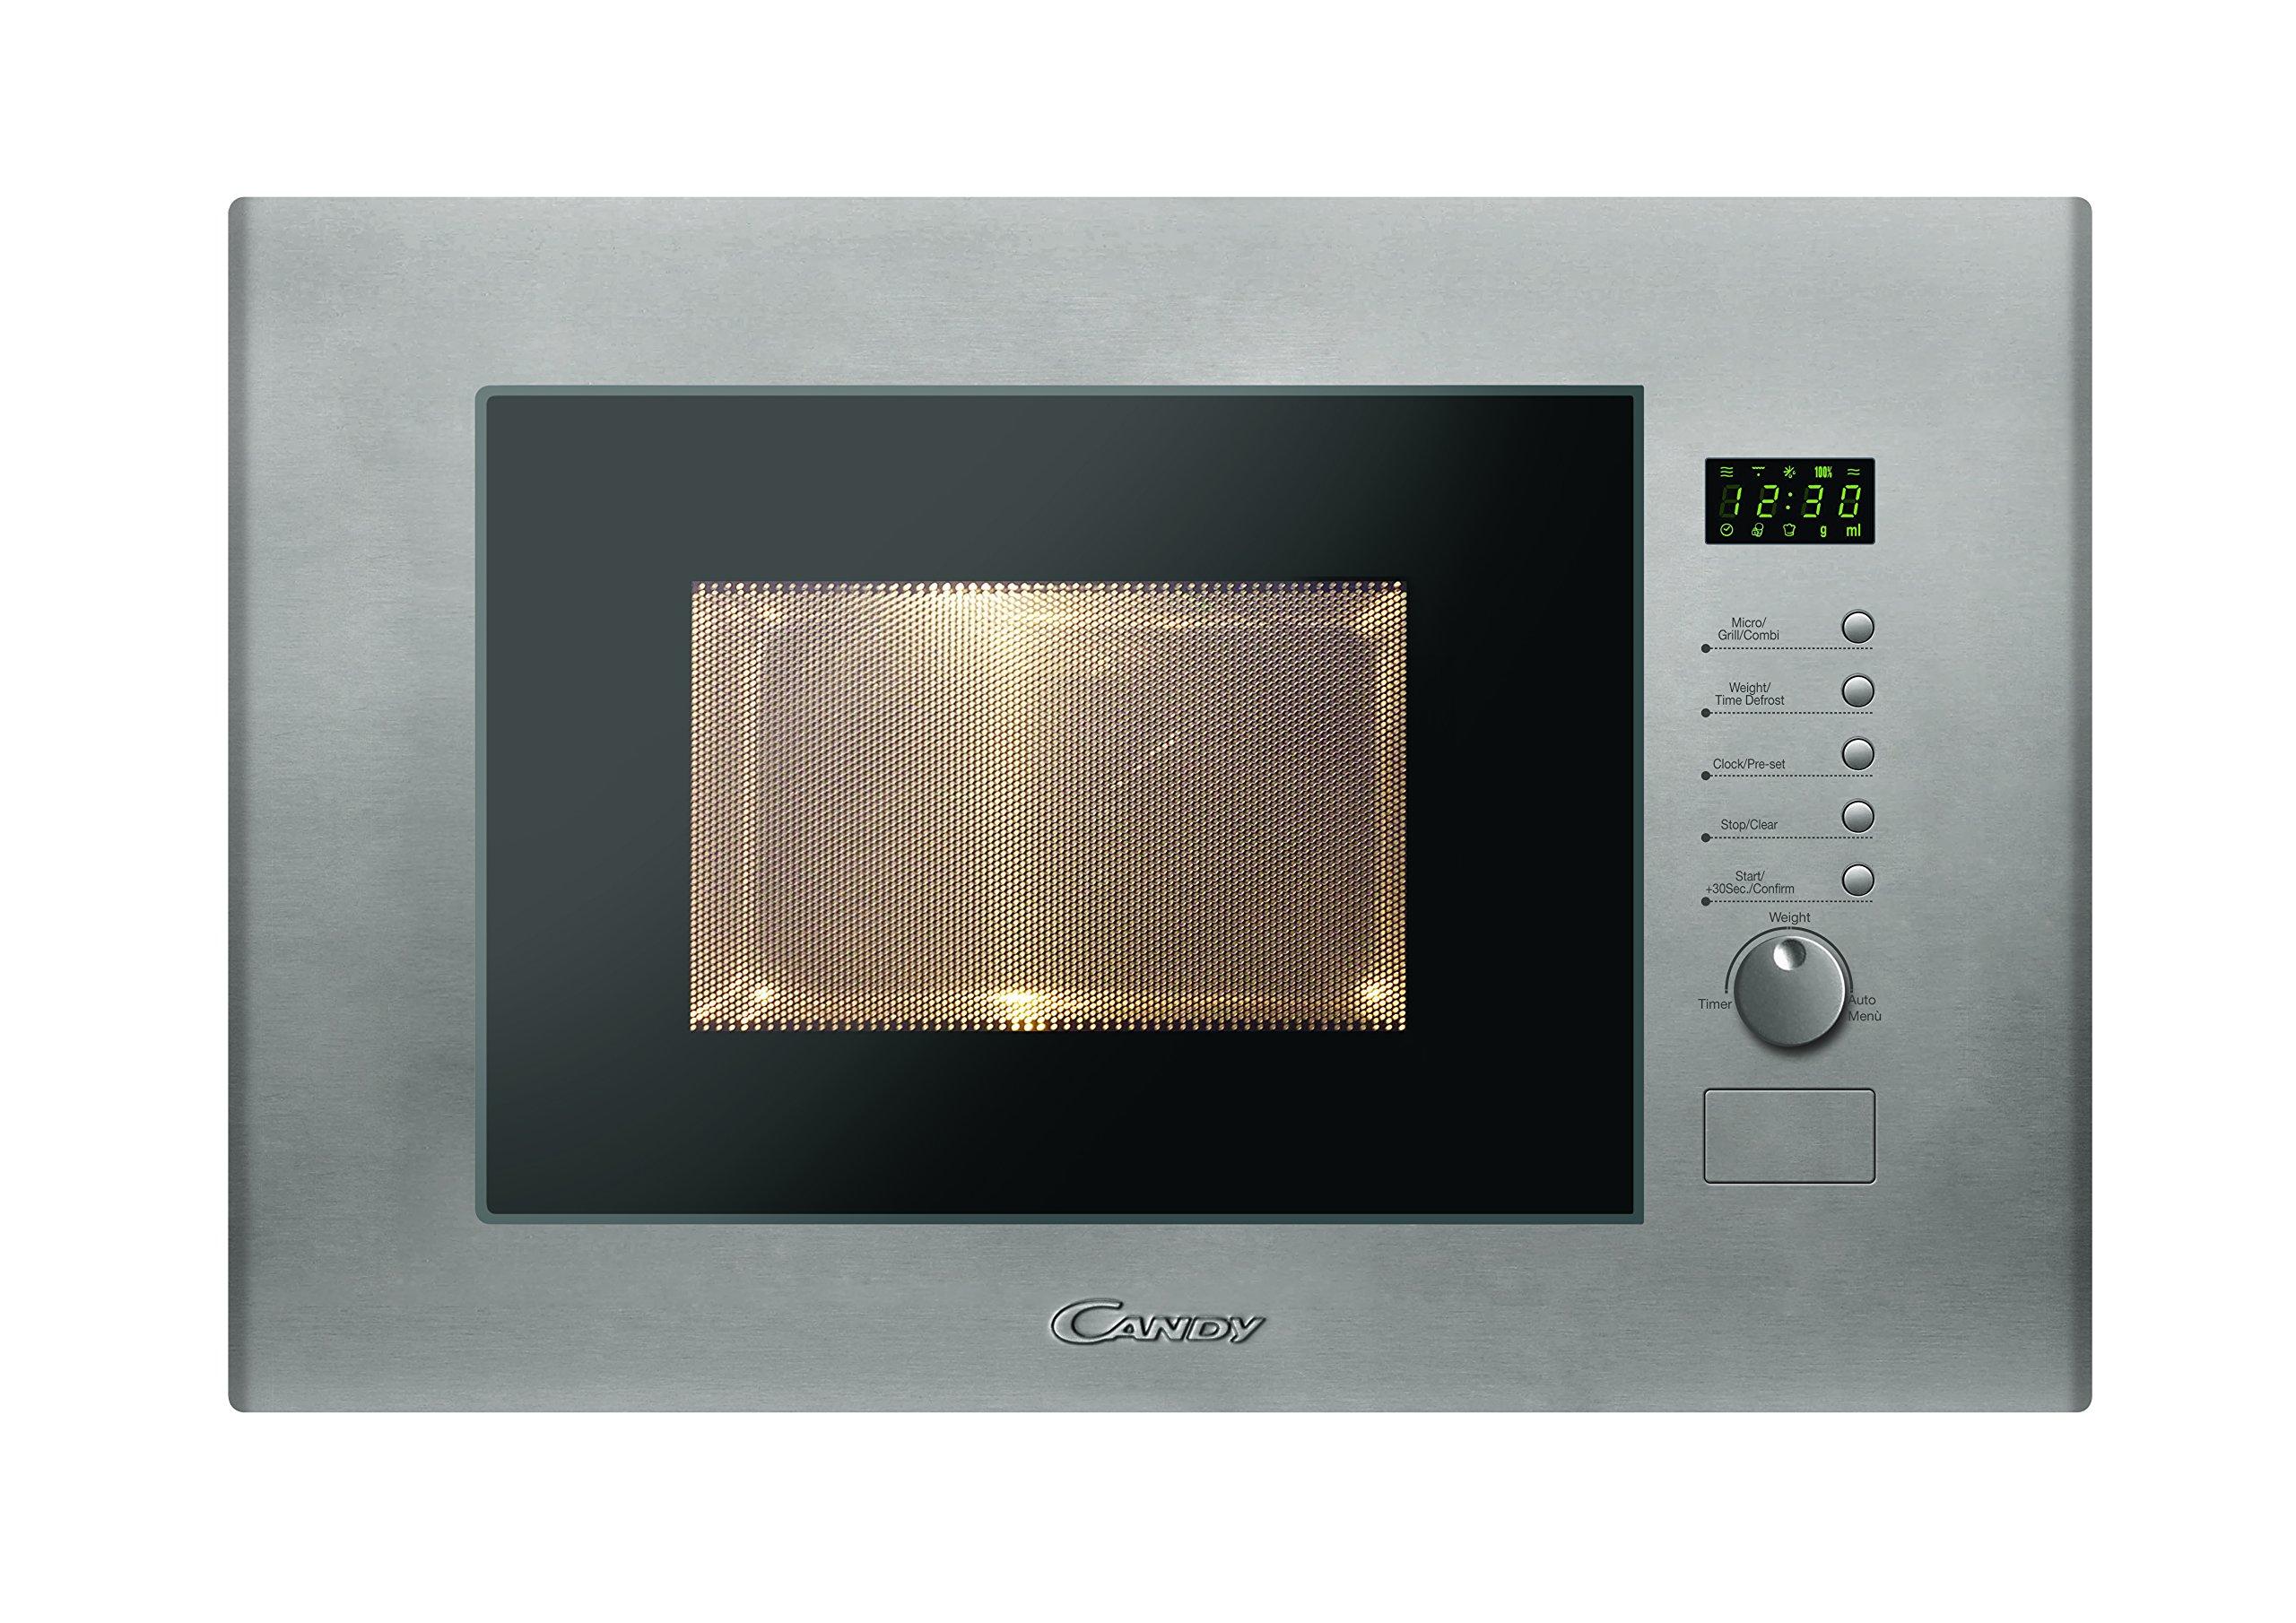 Candy MIC20GDFX - Microondas de encastre con grill, 20 L, 800 W / 1000 W, color gris product image